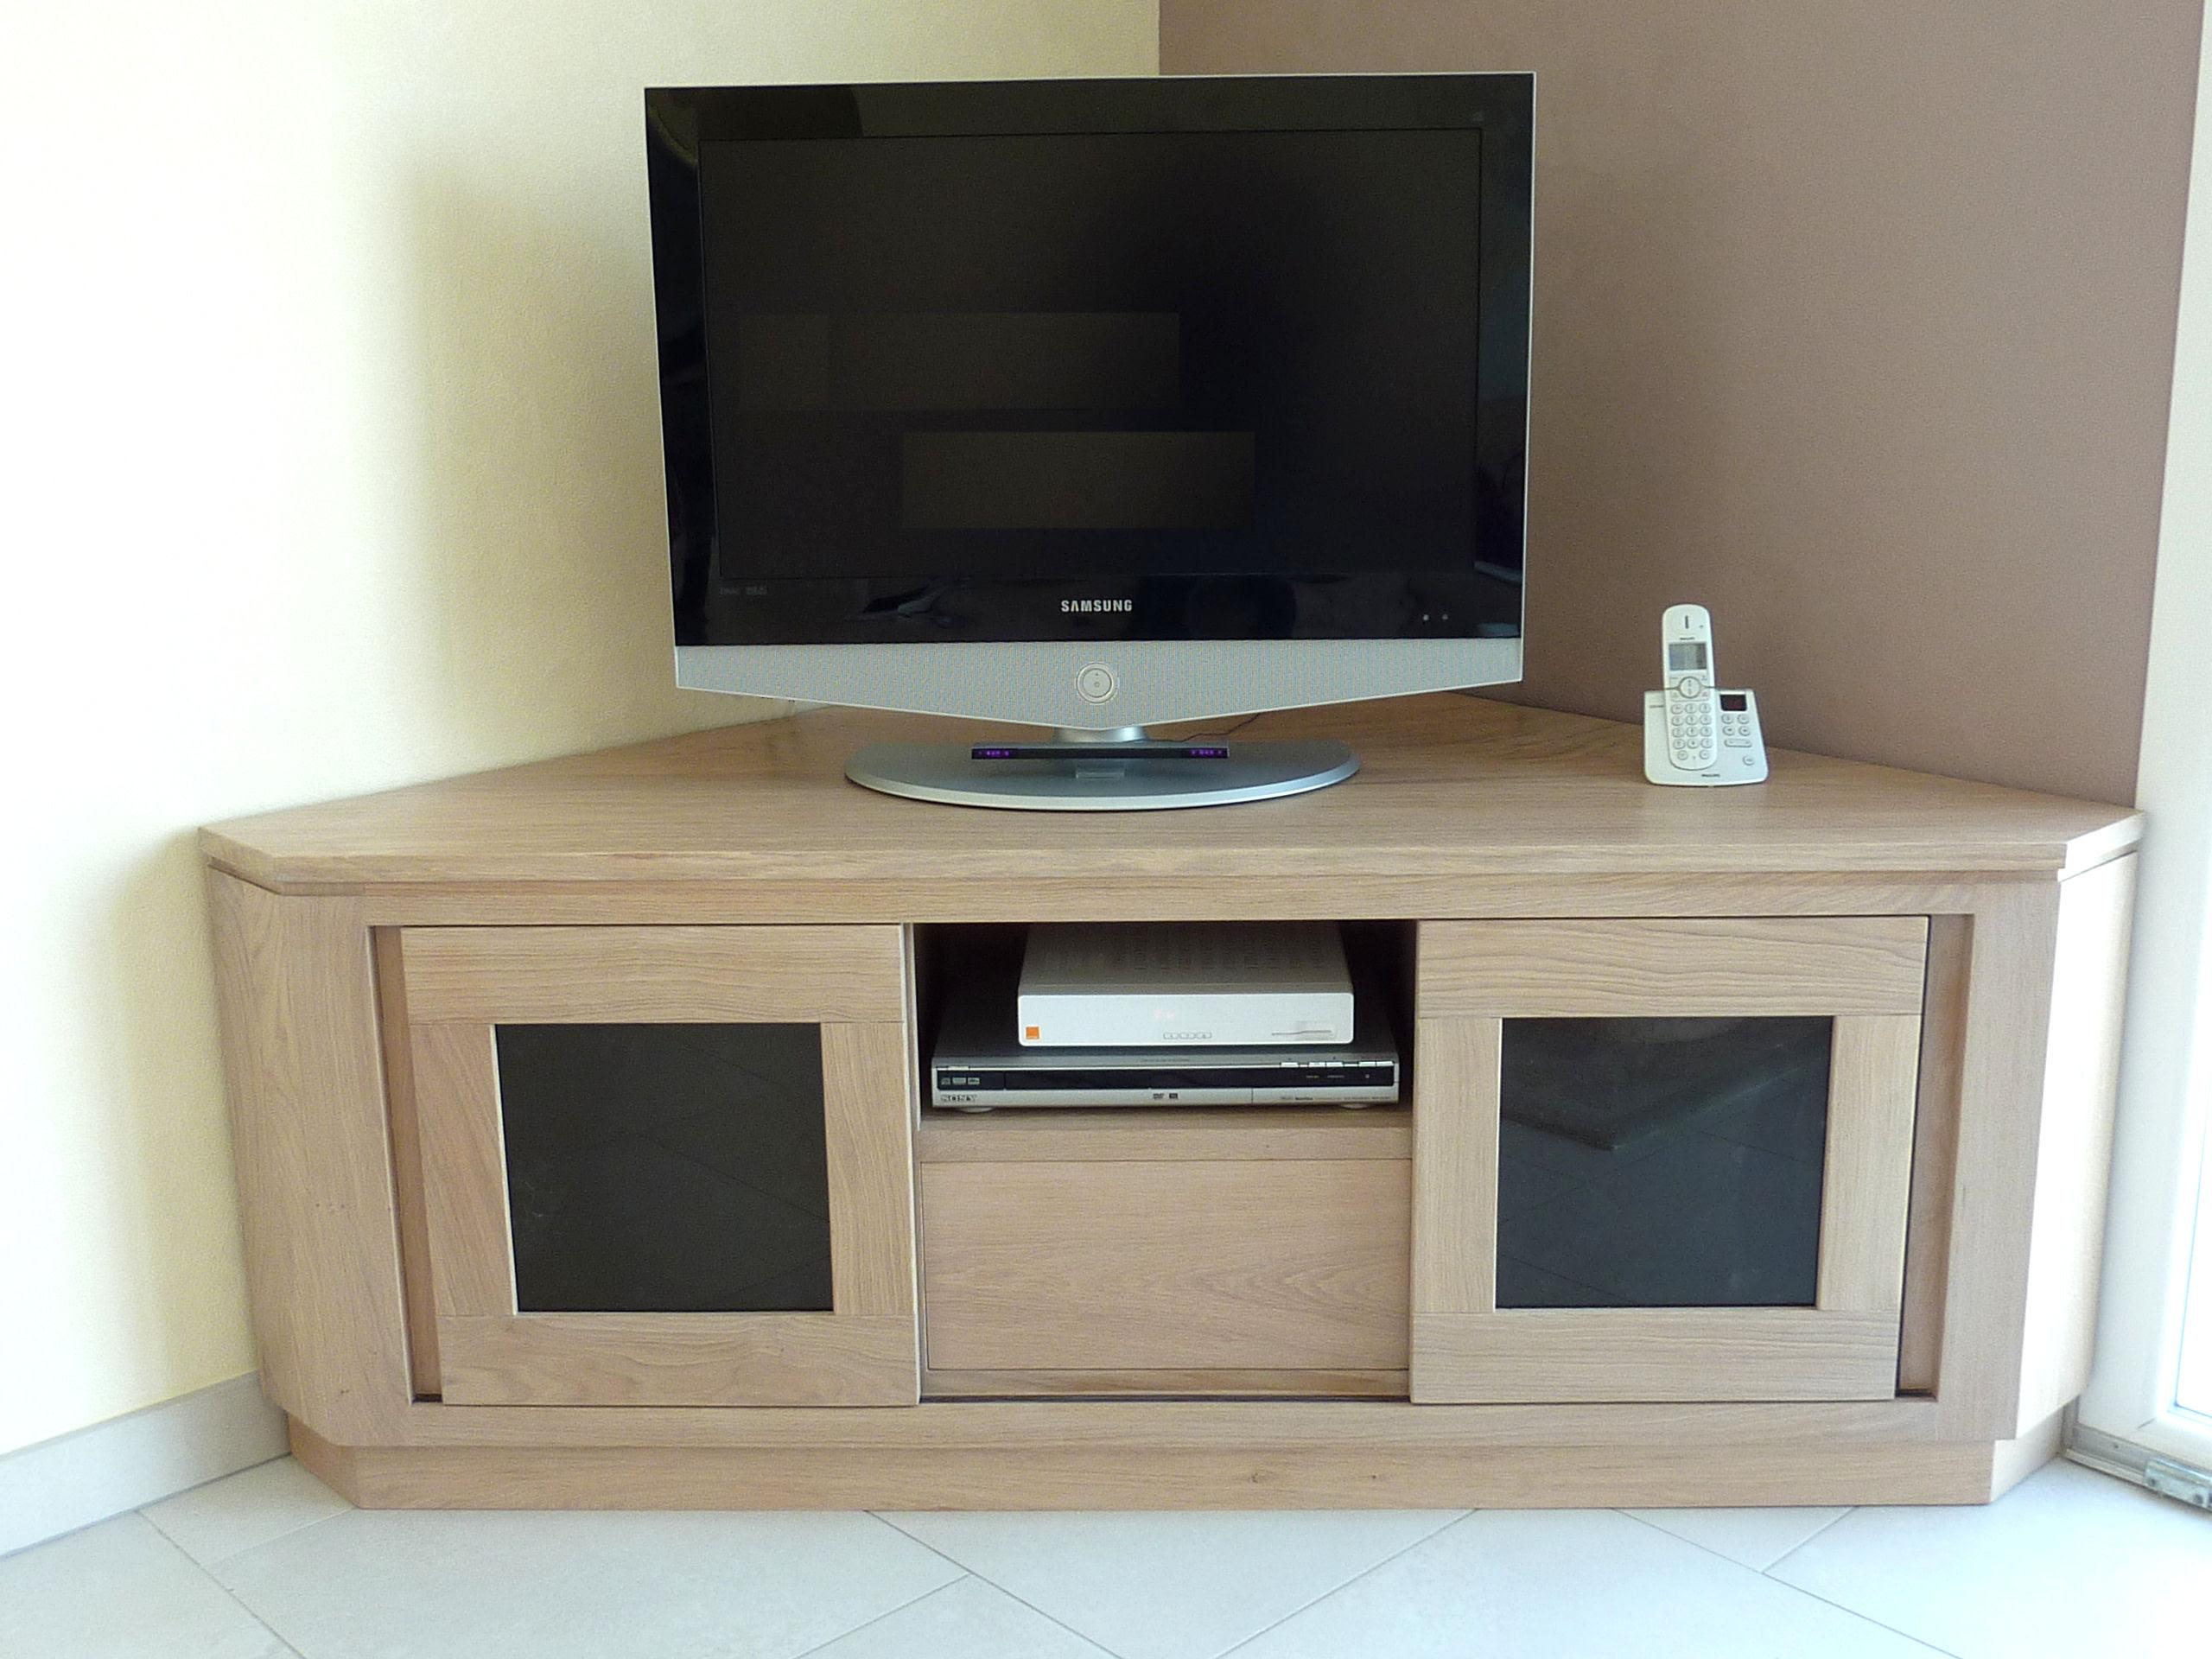 Meuble Tv Angle Suspendu les meubles: les meubles tele